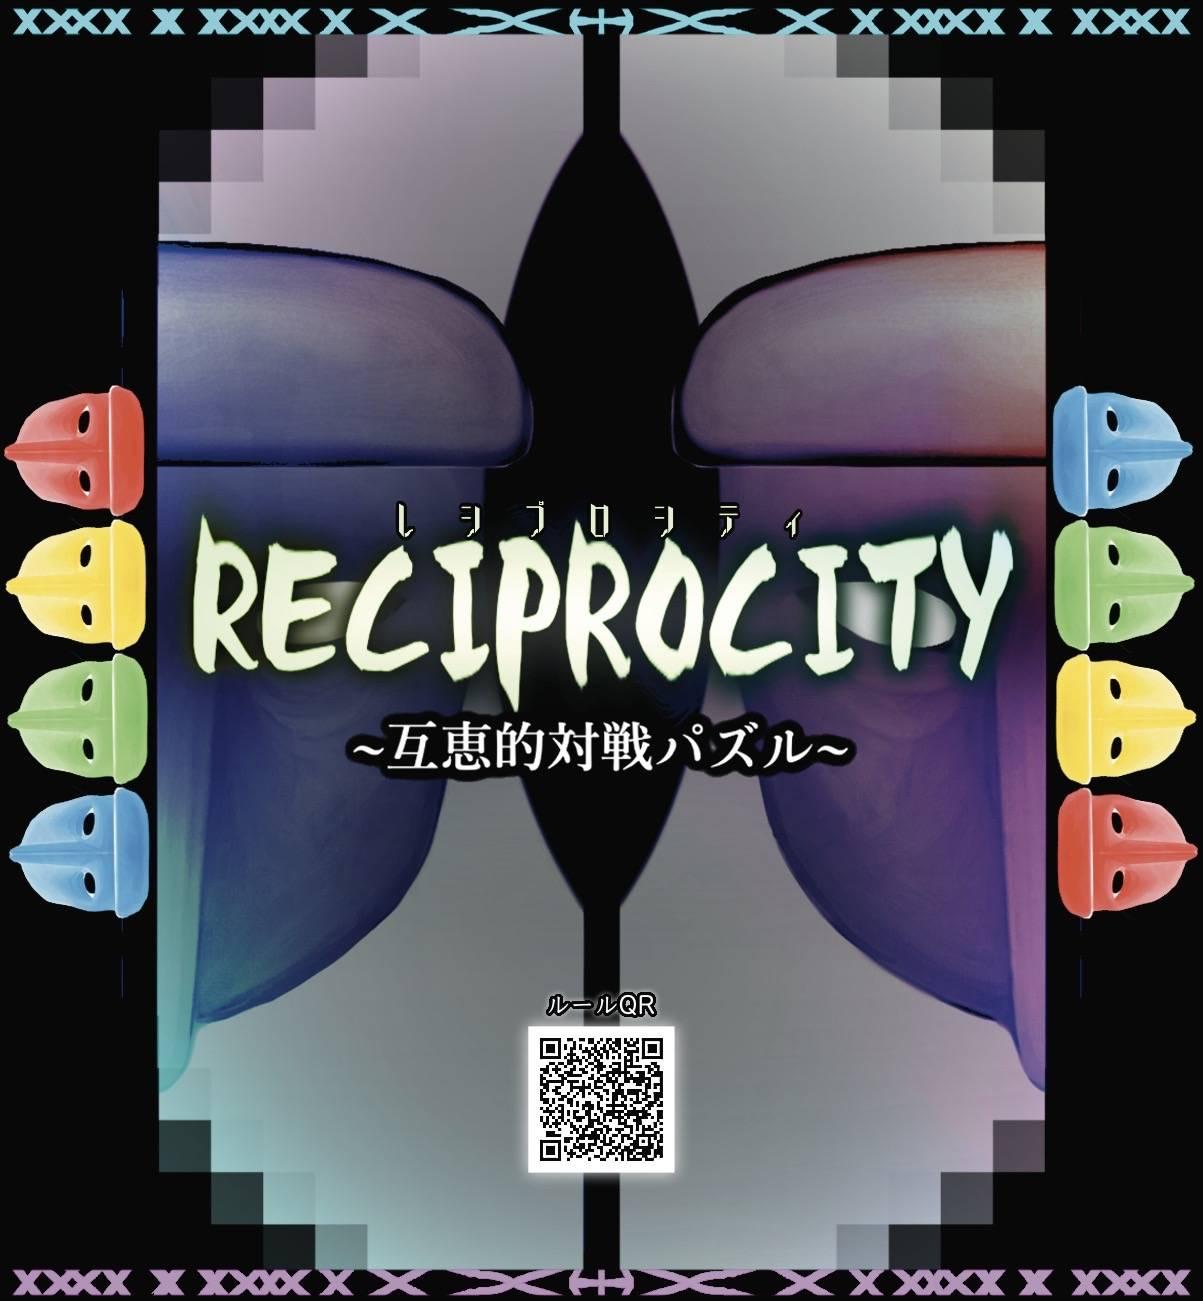 【Reciprocity】セットアップ・ルール説明